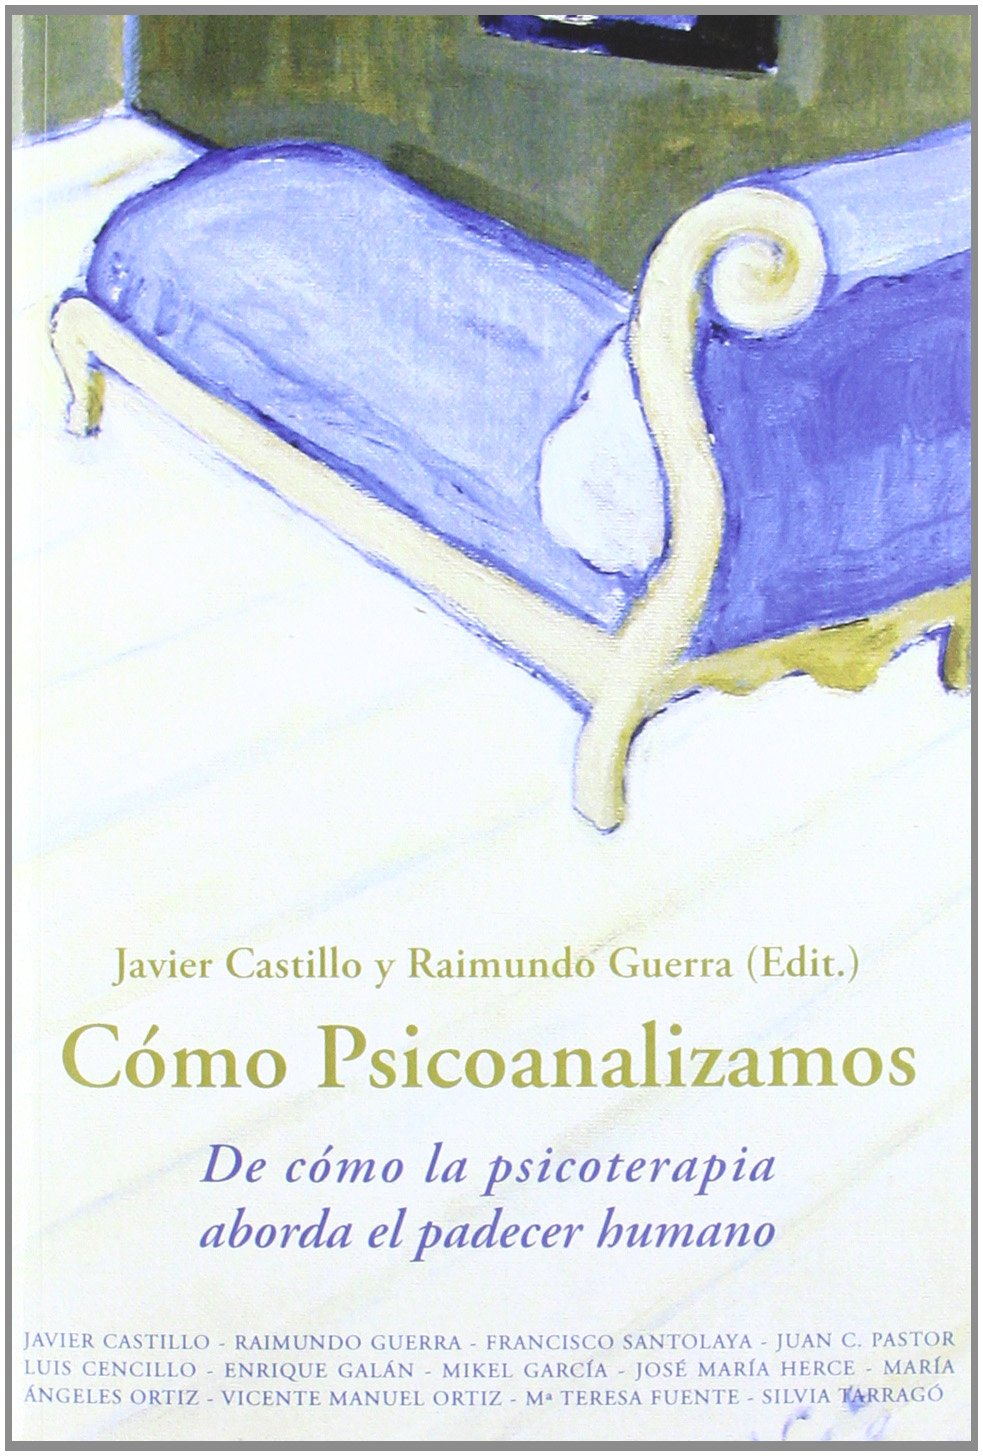 Cómo psicoanalizamos – De cómo la psicoterapia aborda el padecer humano